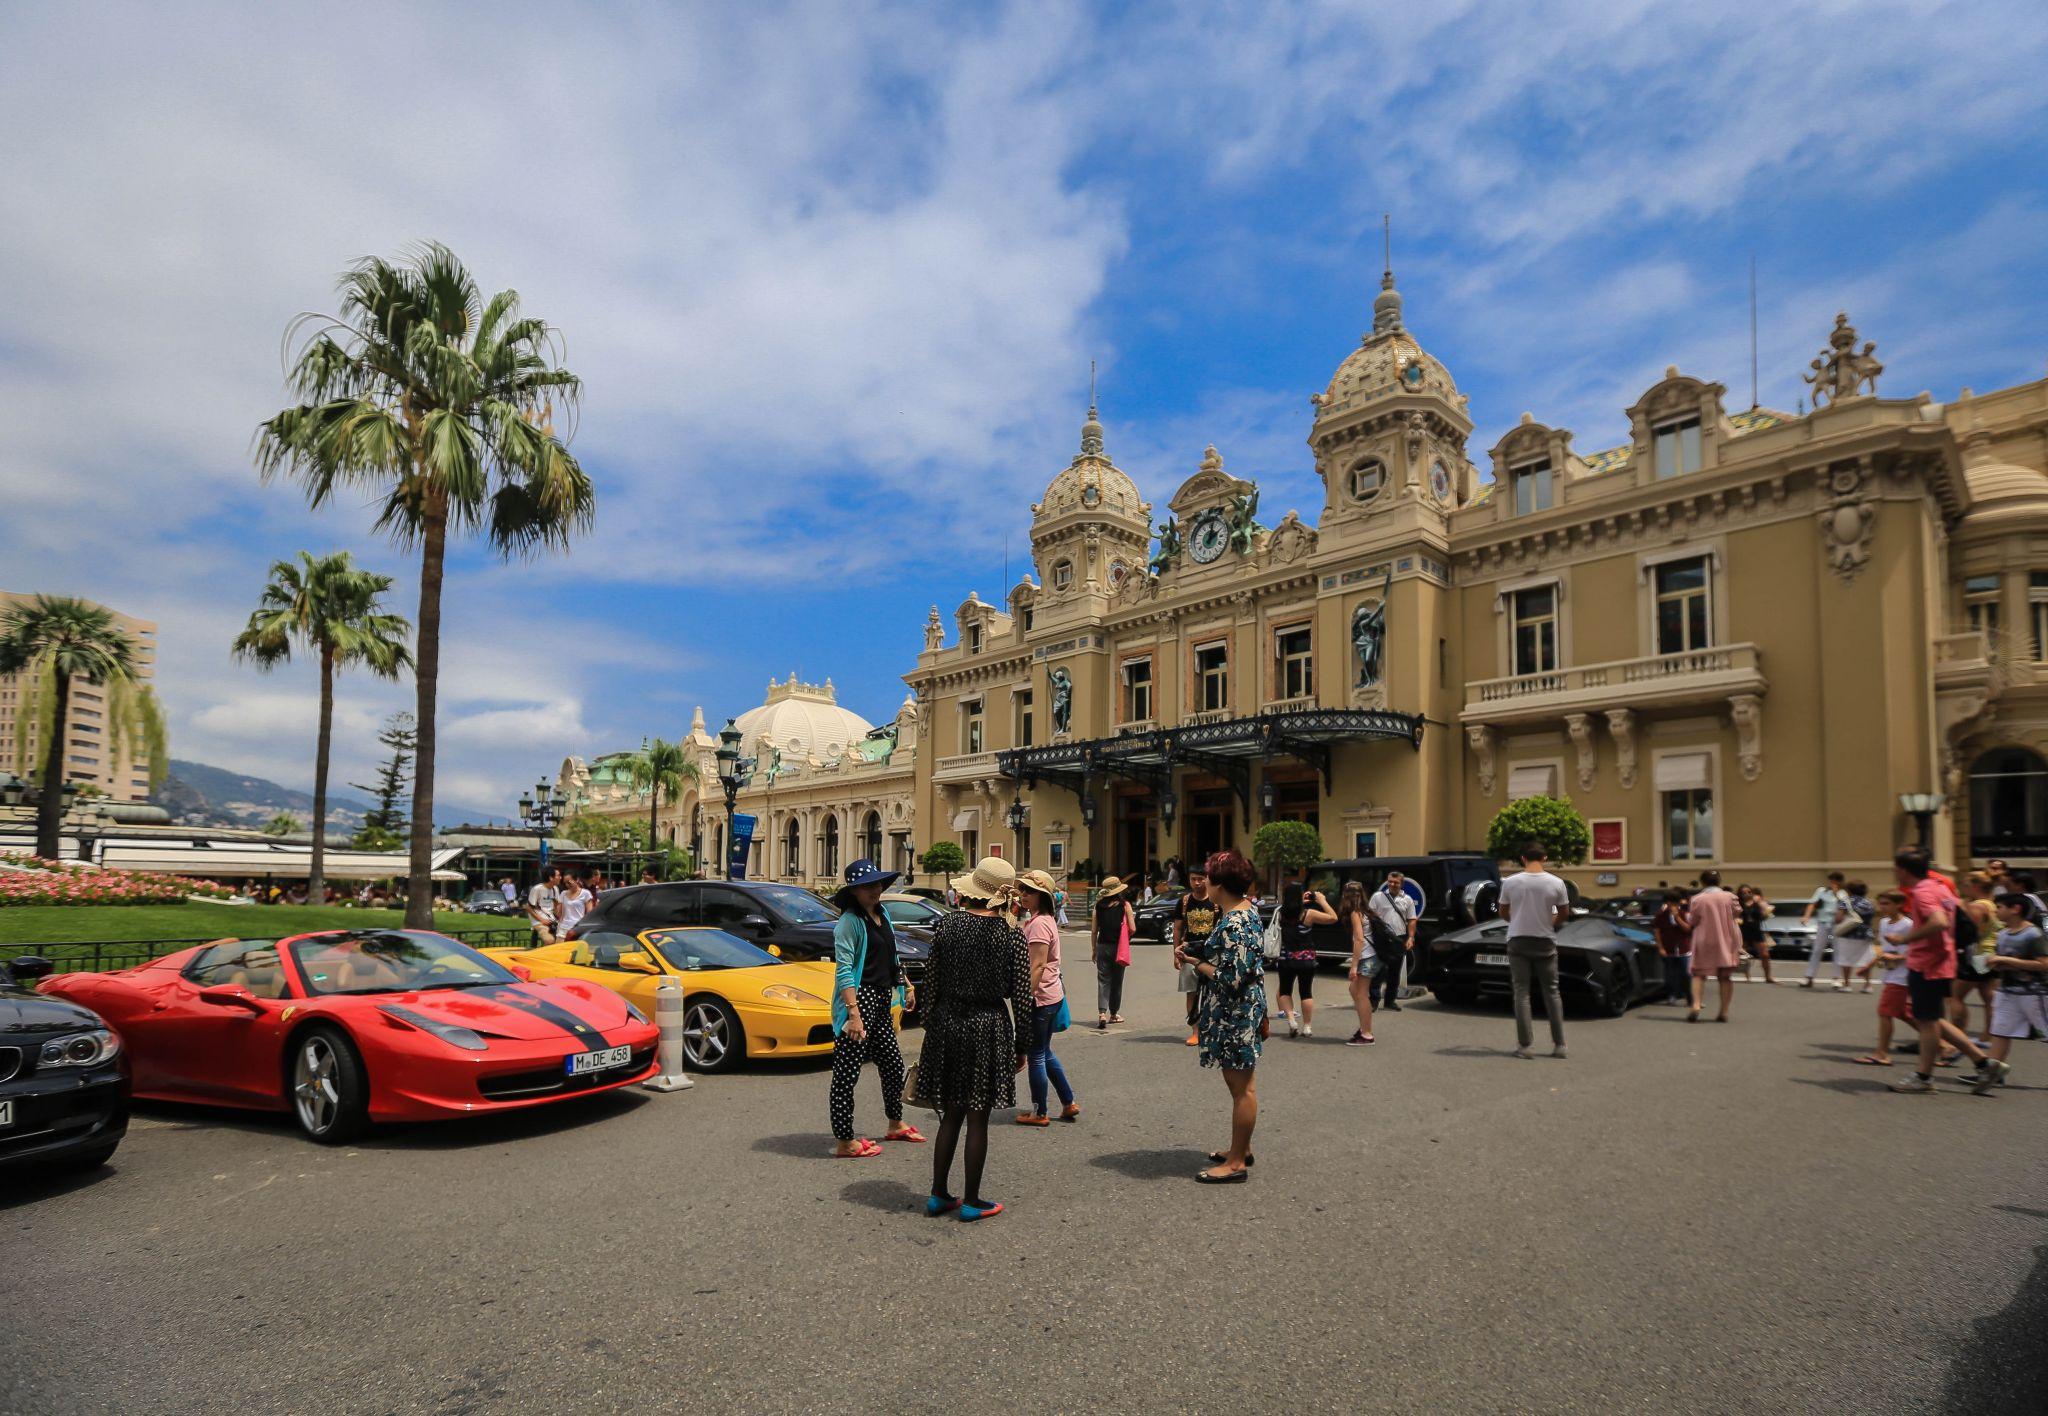 Place du Casino, Monaco